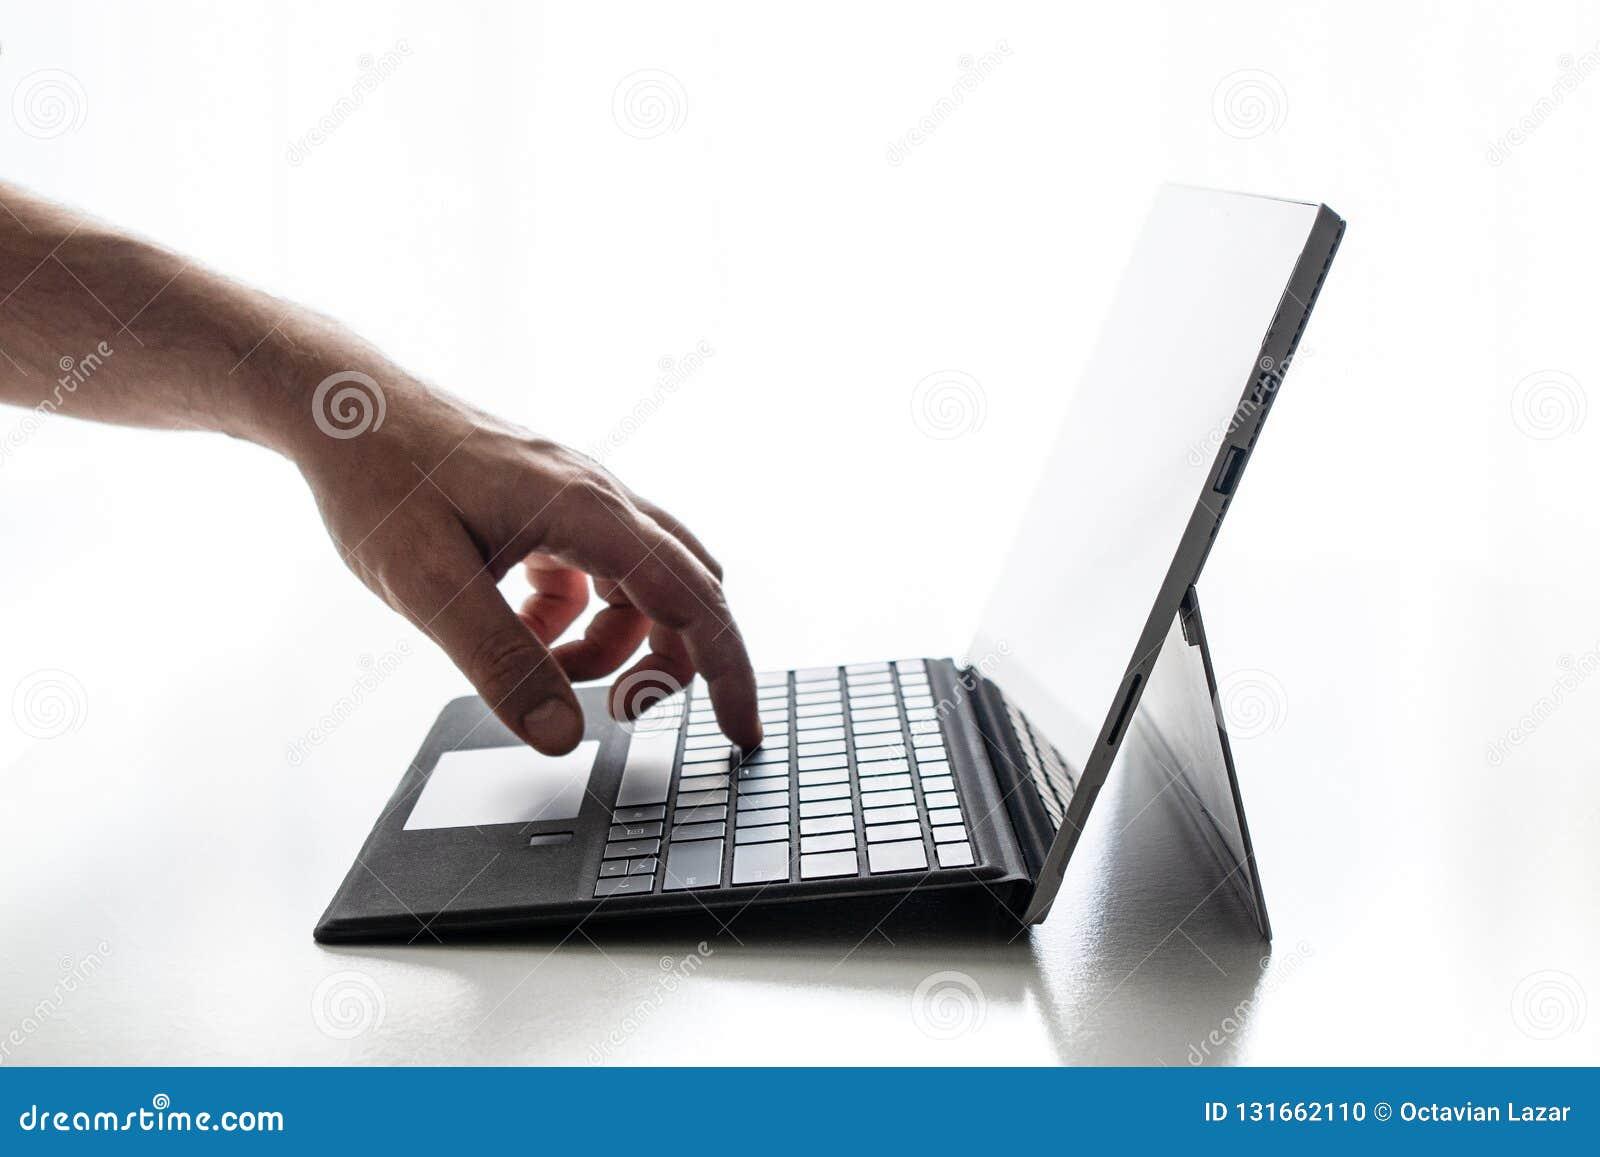 Το συμπαγές lap-top που εκτίθεται κλειδώνει το καθαρά άσπρα χέρι υποβάθρου και το δάχτυλο δάχτυλων που ωθούν στο κλειδί